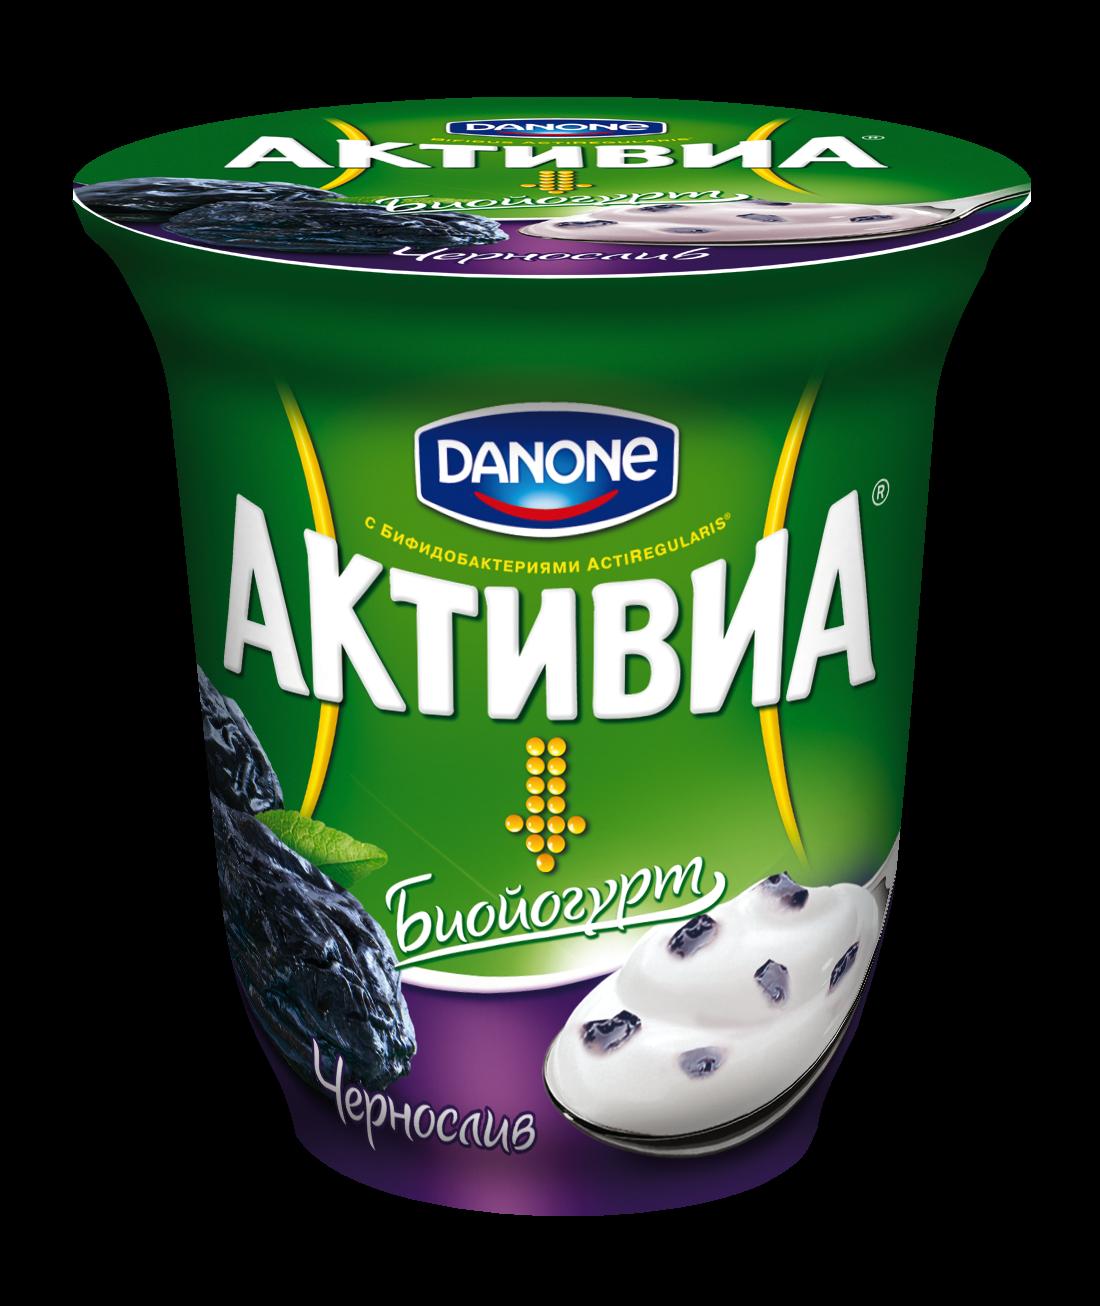 Йогурт - ценный молочный продукт